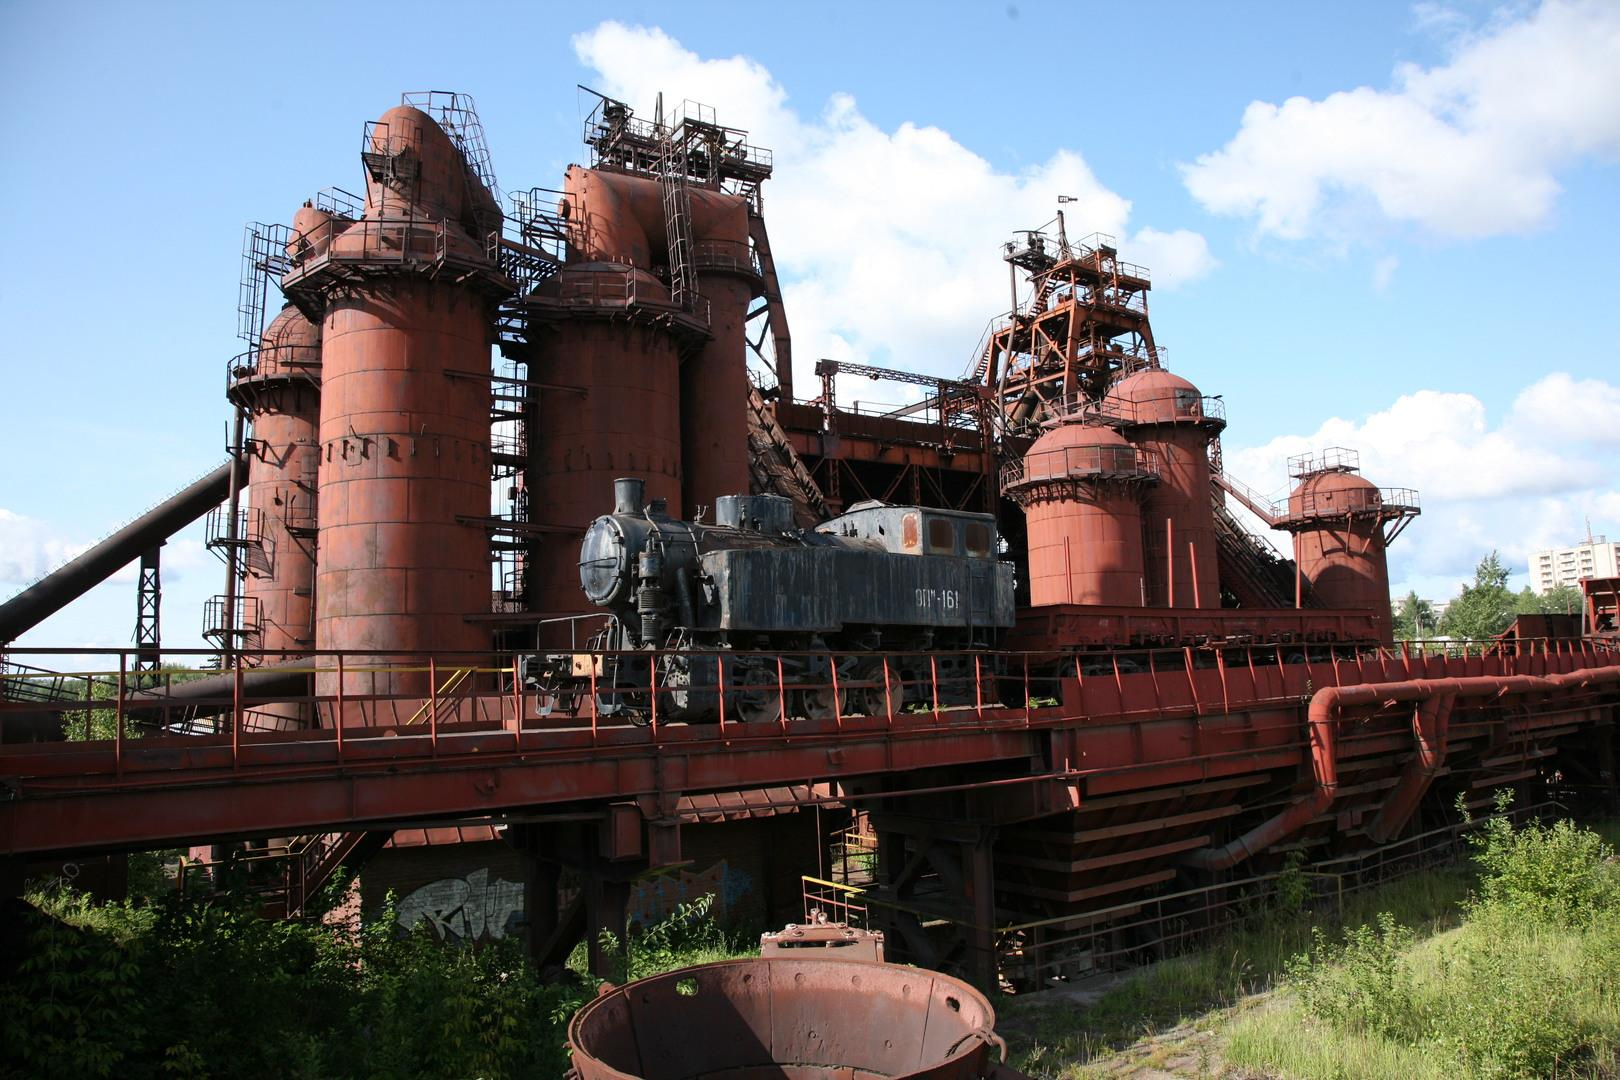 Музей-завод под открытым небом. Единственный в России